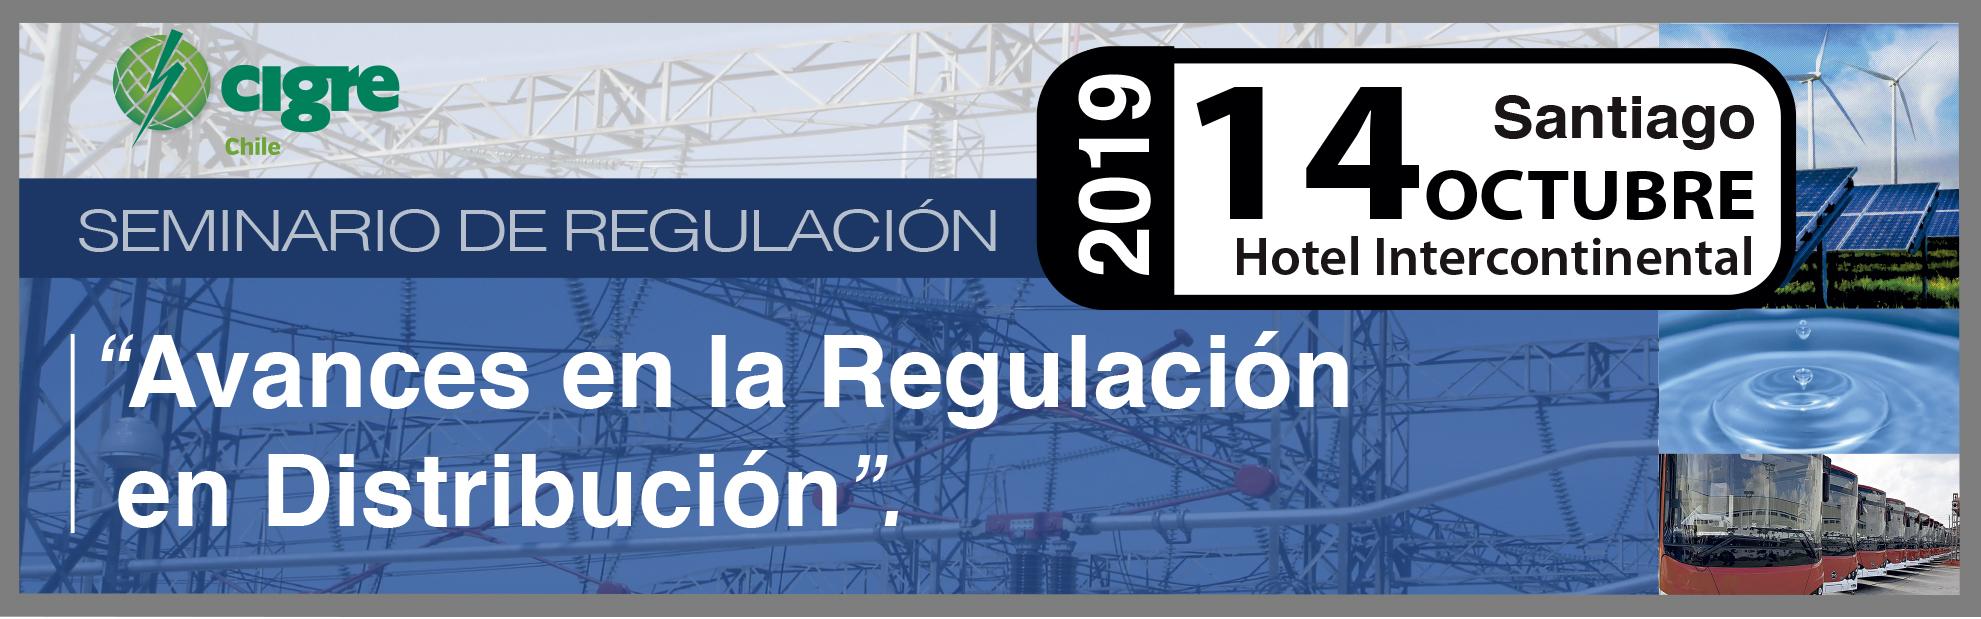 banner_regulación de la Transmisión